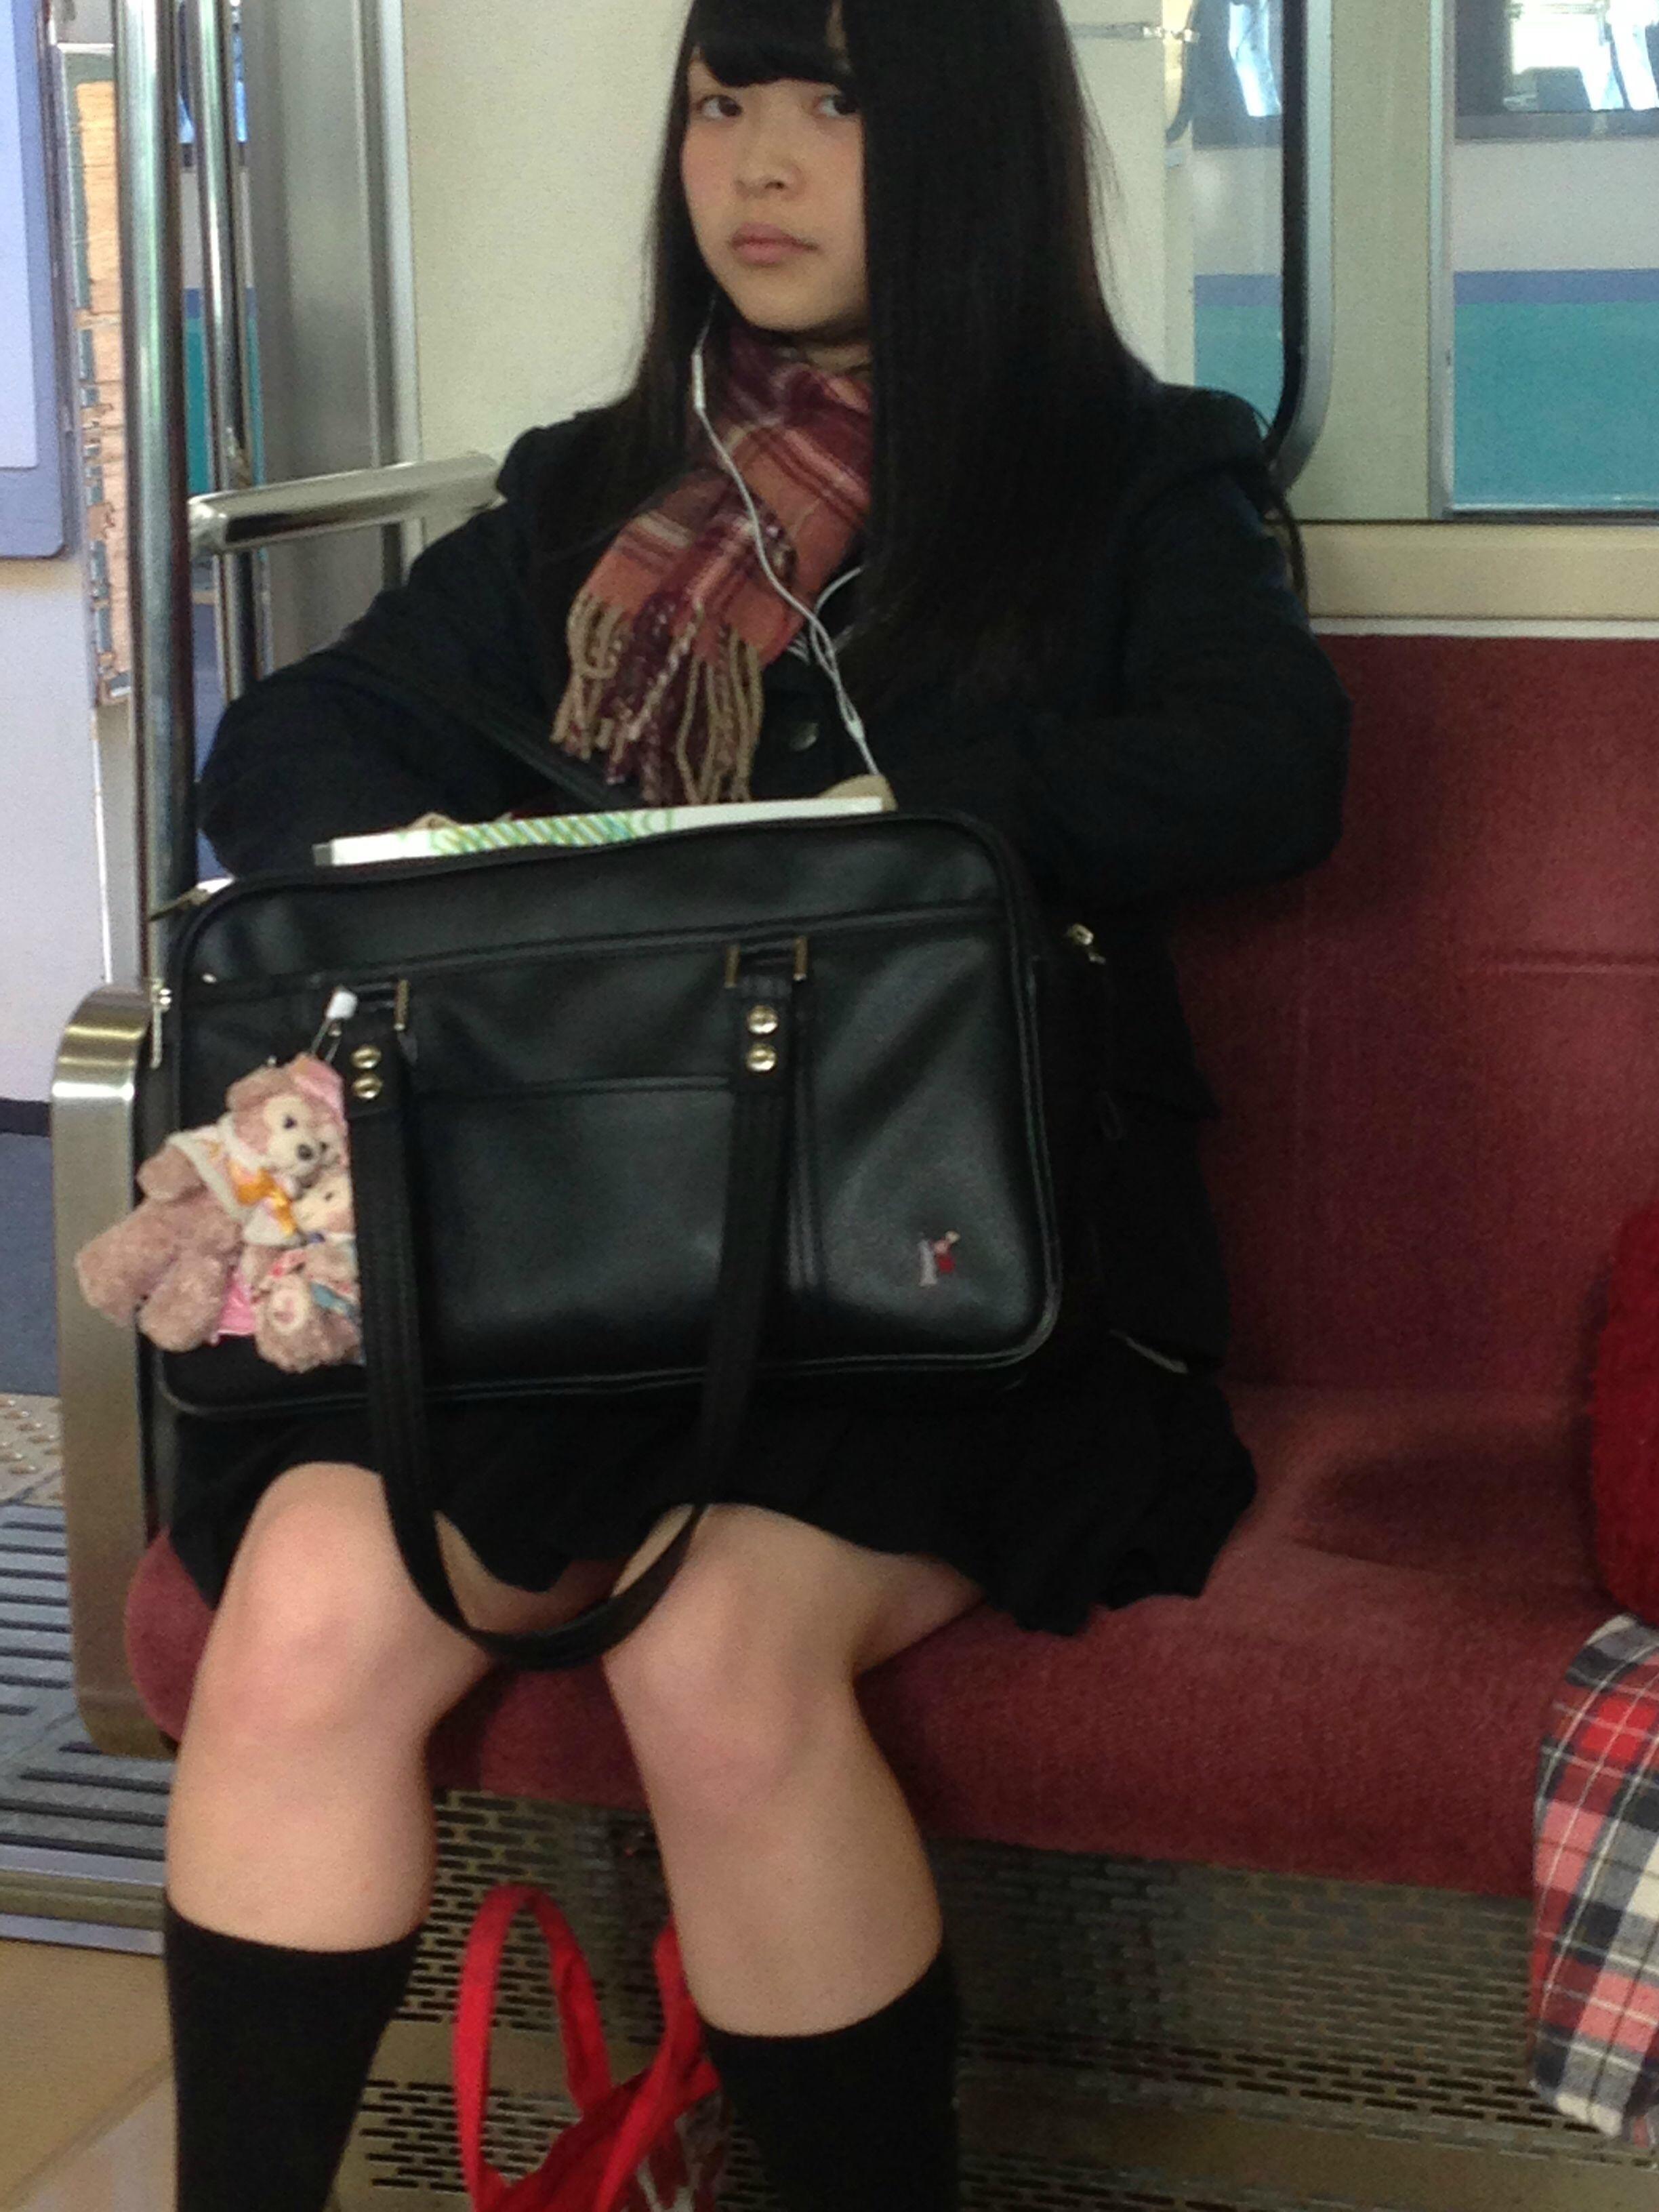 電車にエチエチな制服JKいるけどハレンチすぎない?????? Msjsq3D